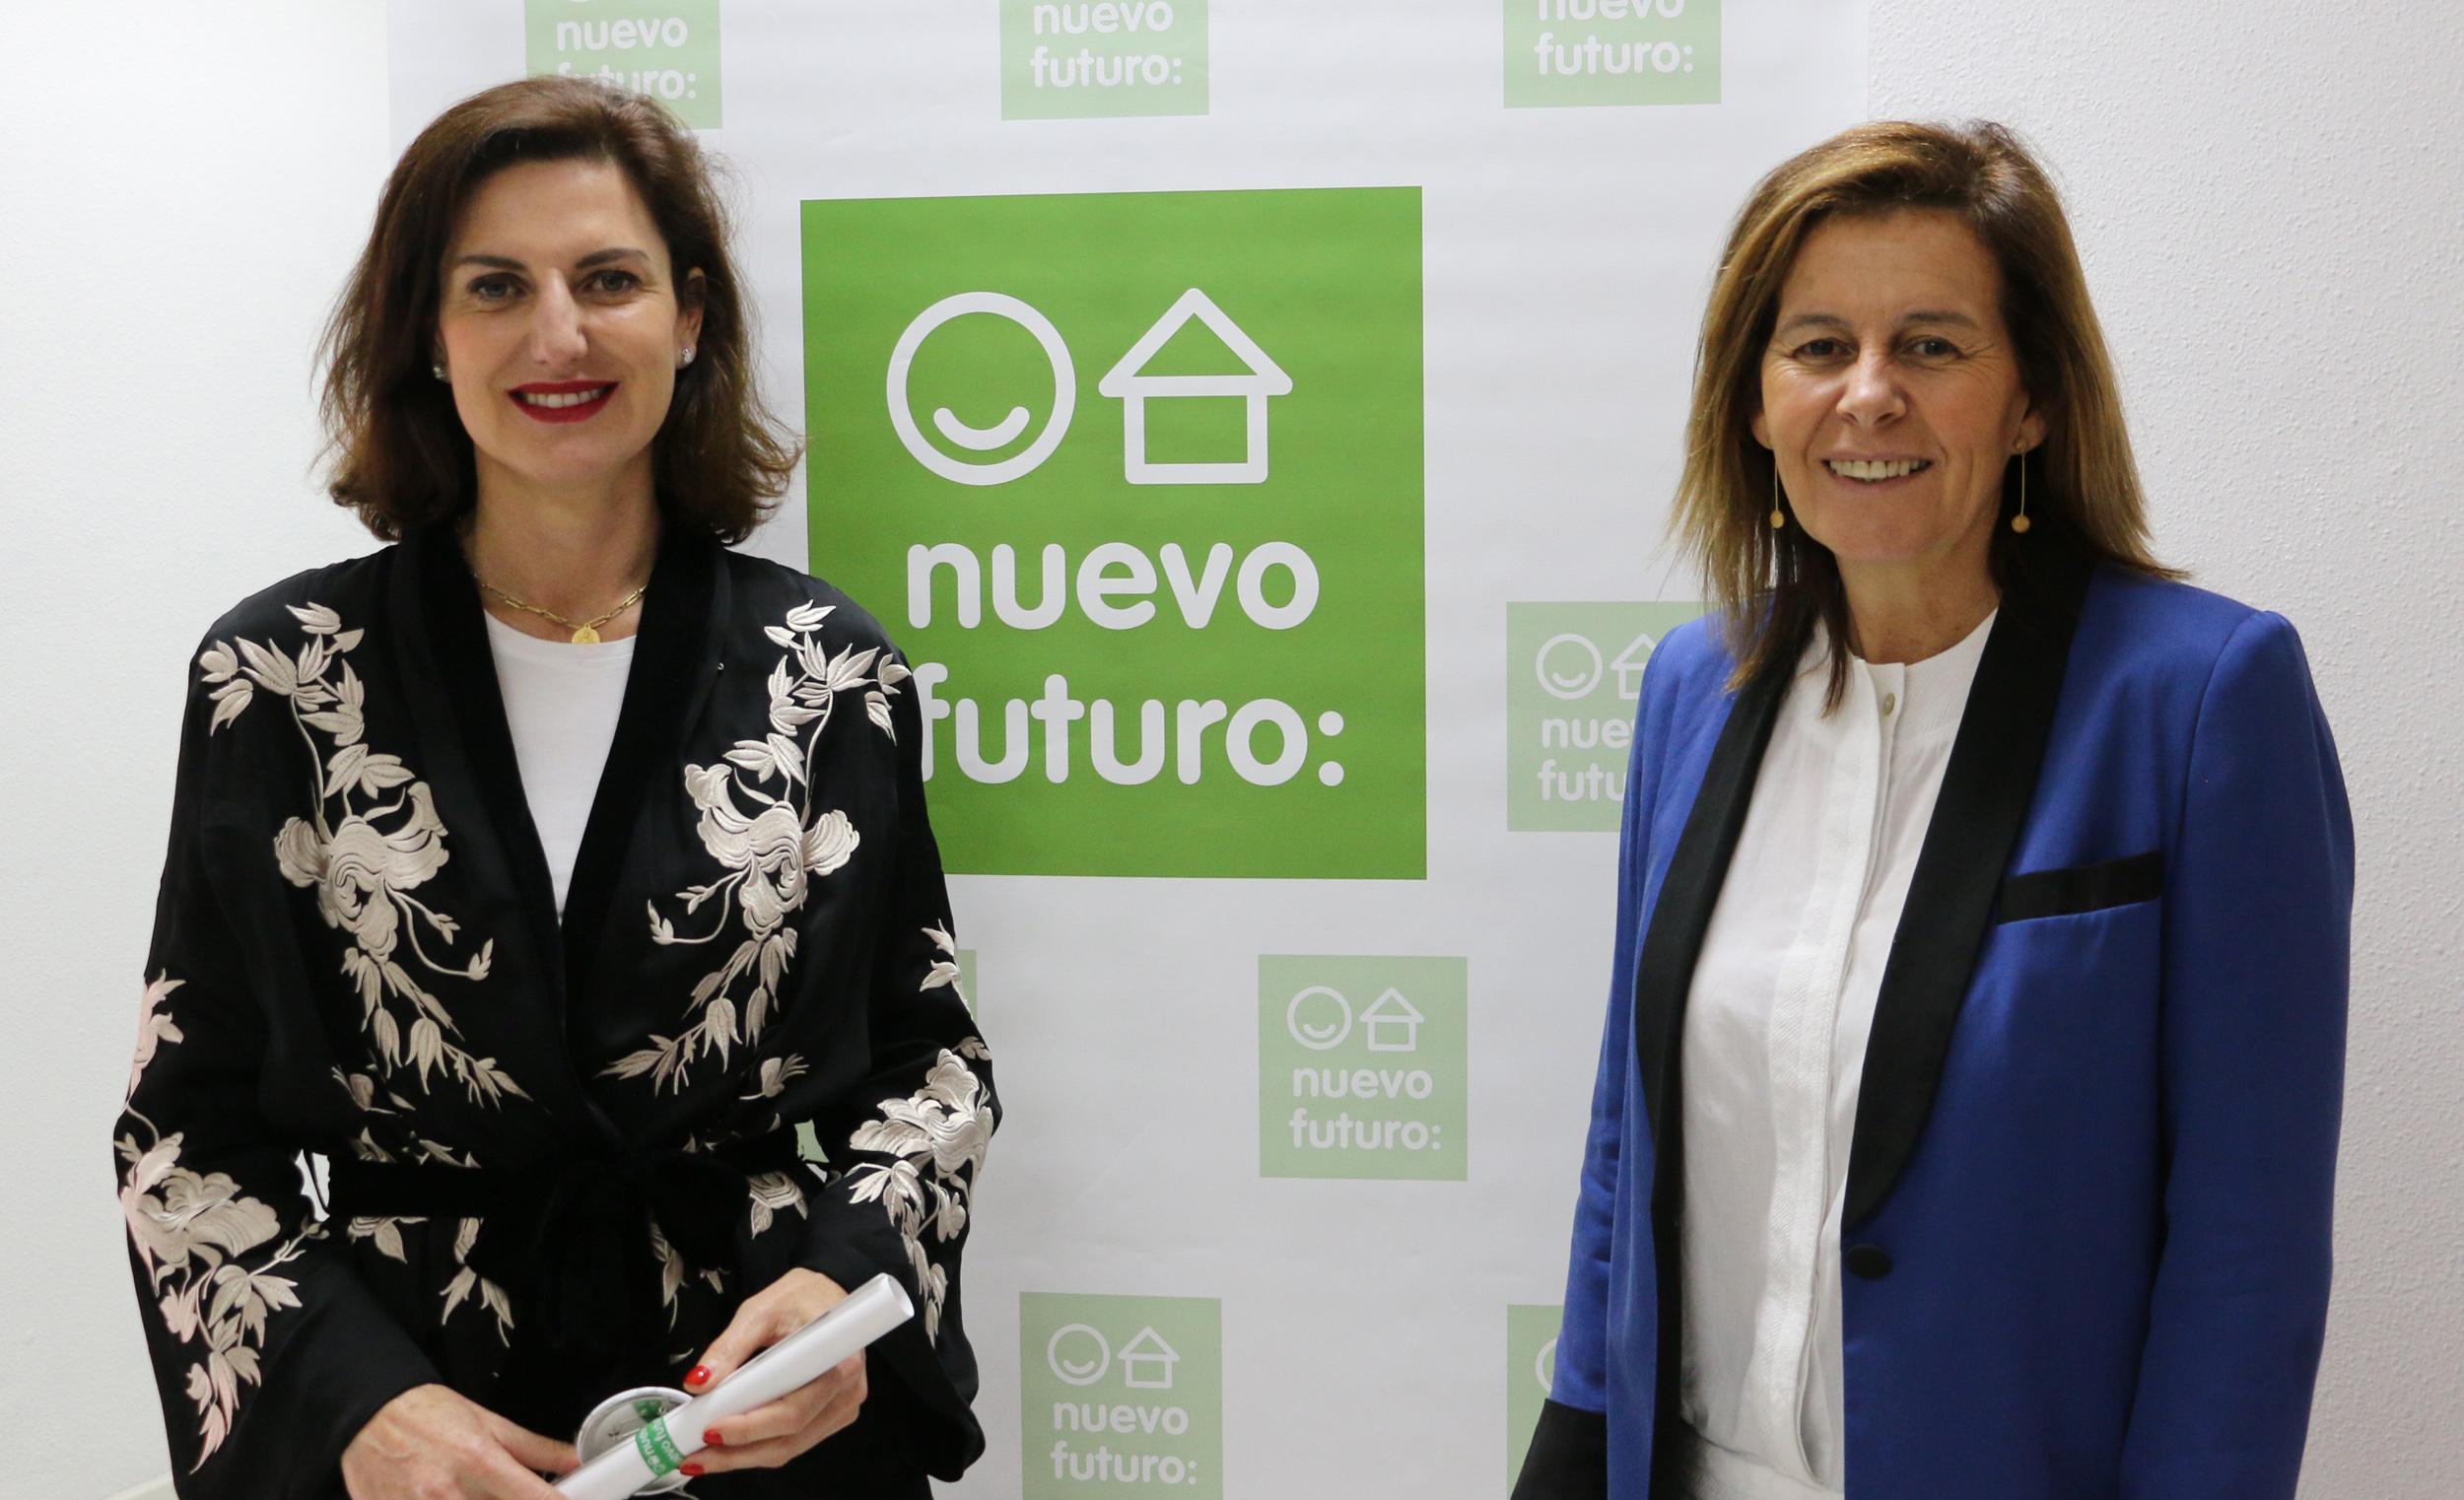 La artista y pintora Cristina Ybarra realizará el cartel del Rastrillo de Nuevo Futuro de 2019